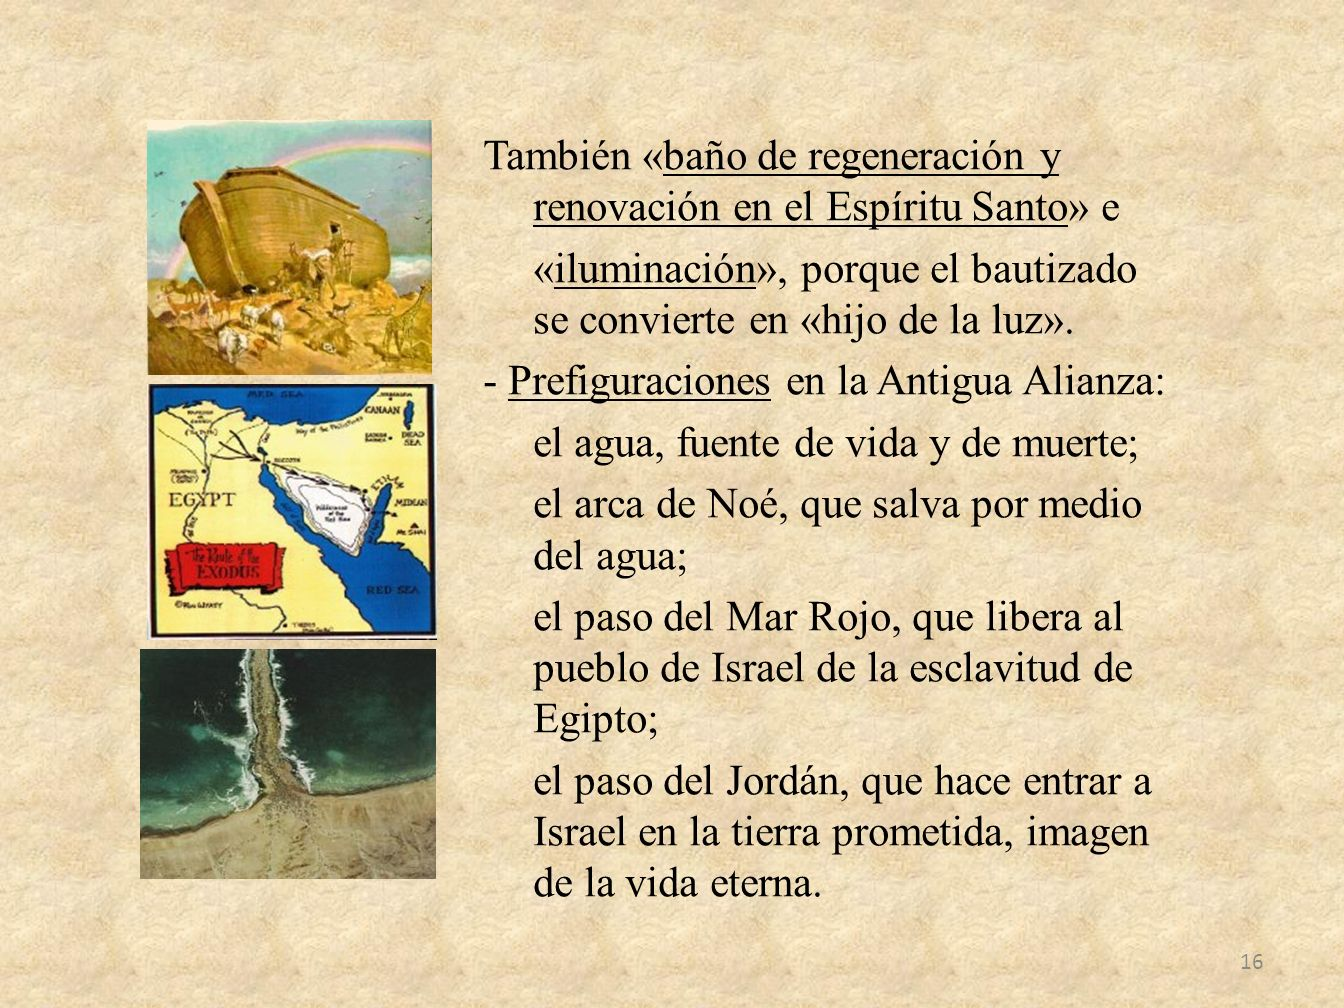 También «baño de regeneración y renovación en el Espíritu Santo» e «iluminación», porque el bautizado se convierte en «hijo de la luz».